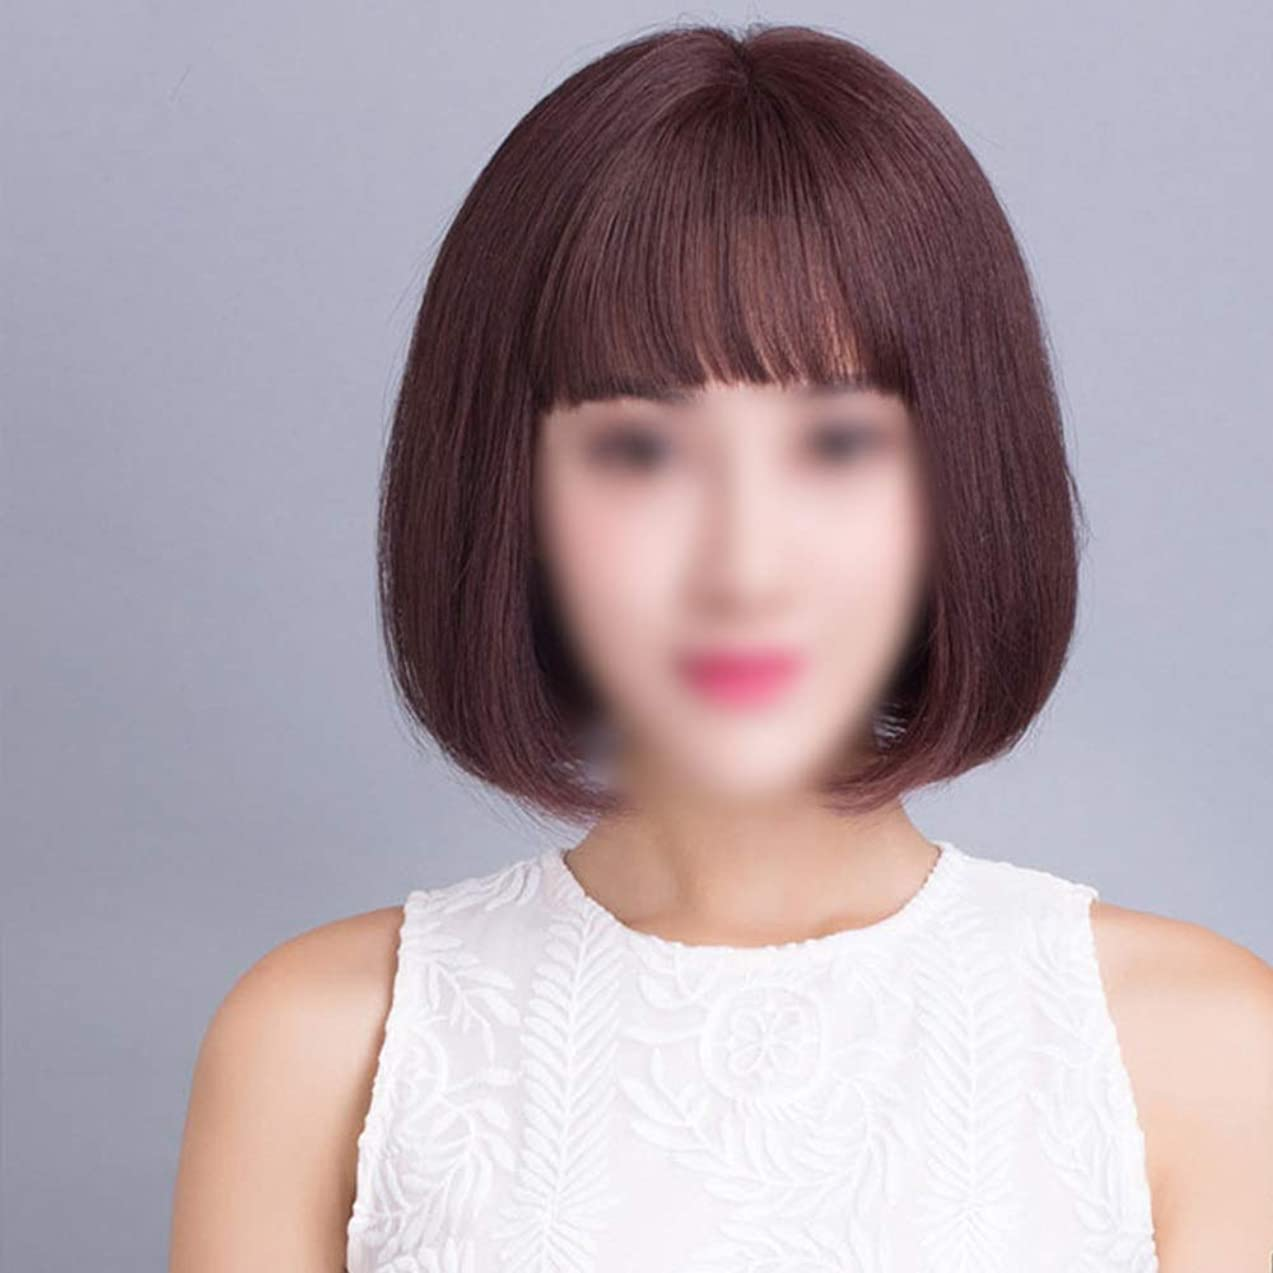 重要漏れ着服HOHYLLYA 女性の短い髪本物の髪ボブかつらかつらかつらファッションかつら (色 : Hand-woven top heart - dark brown)